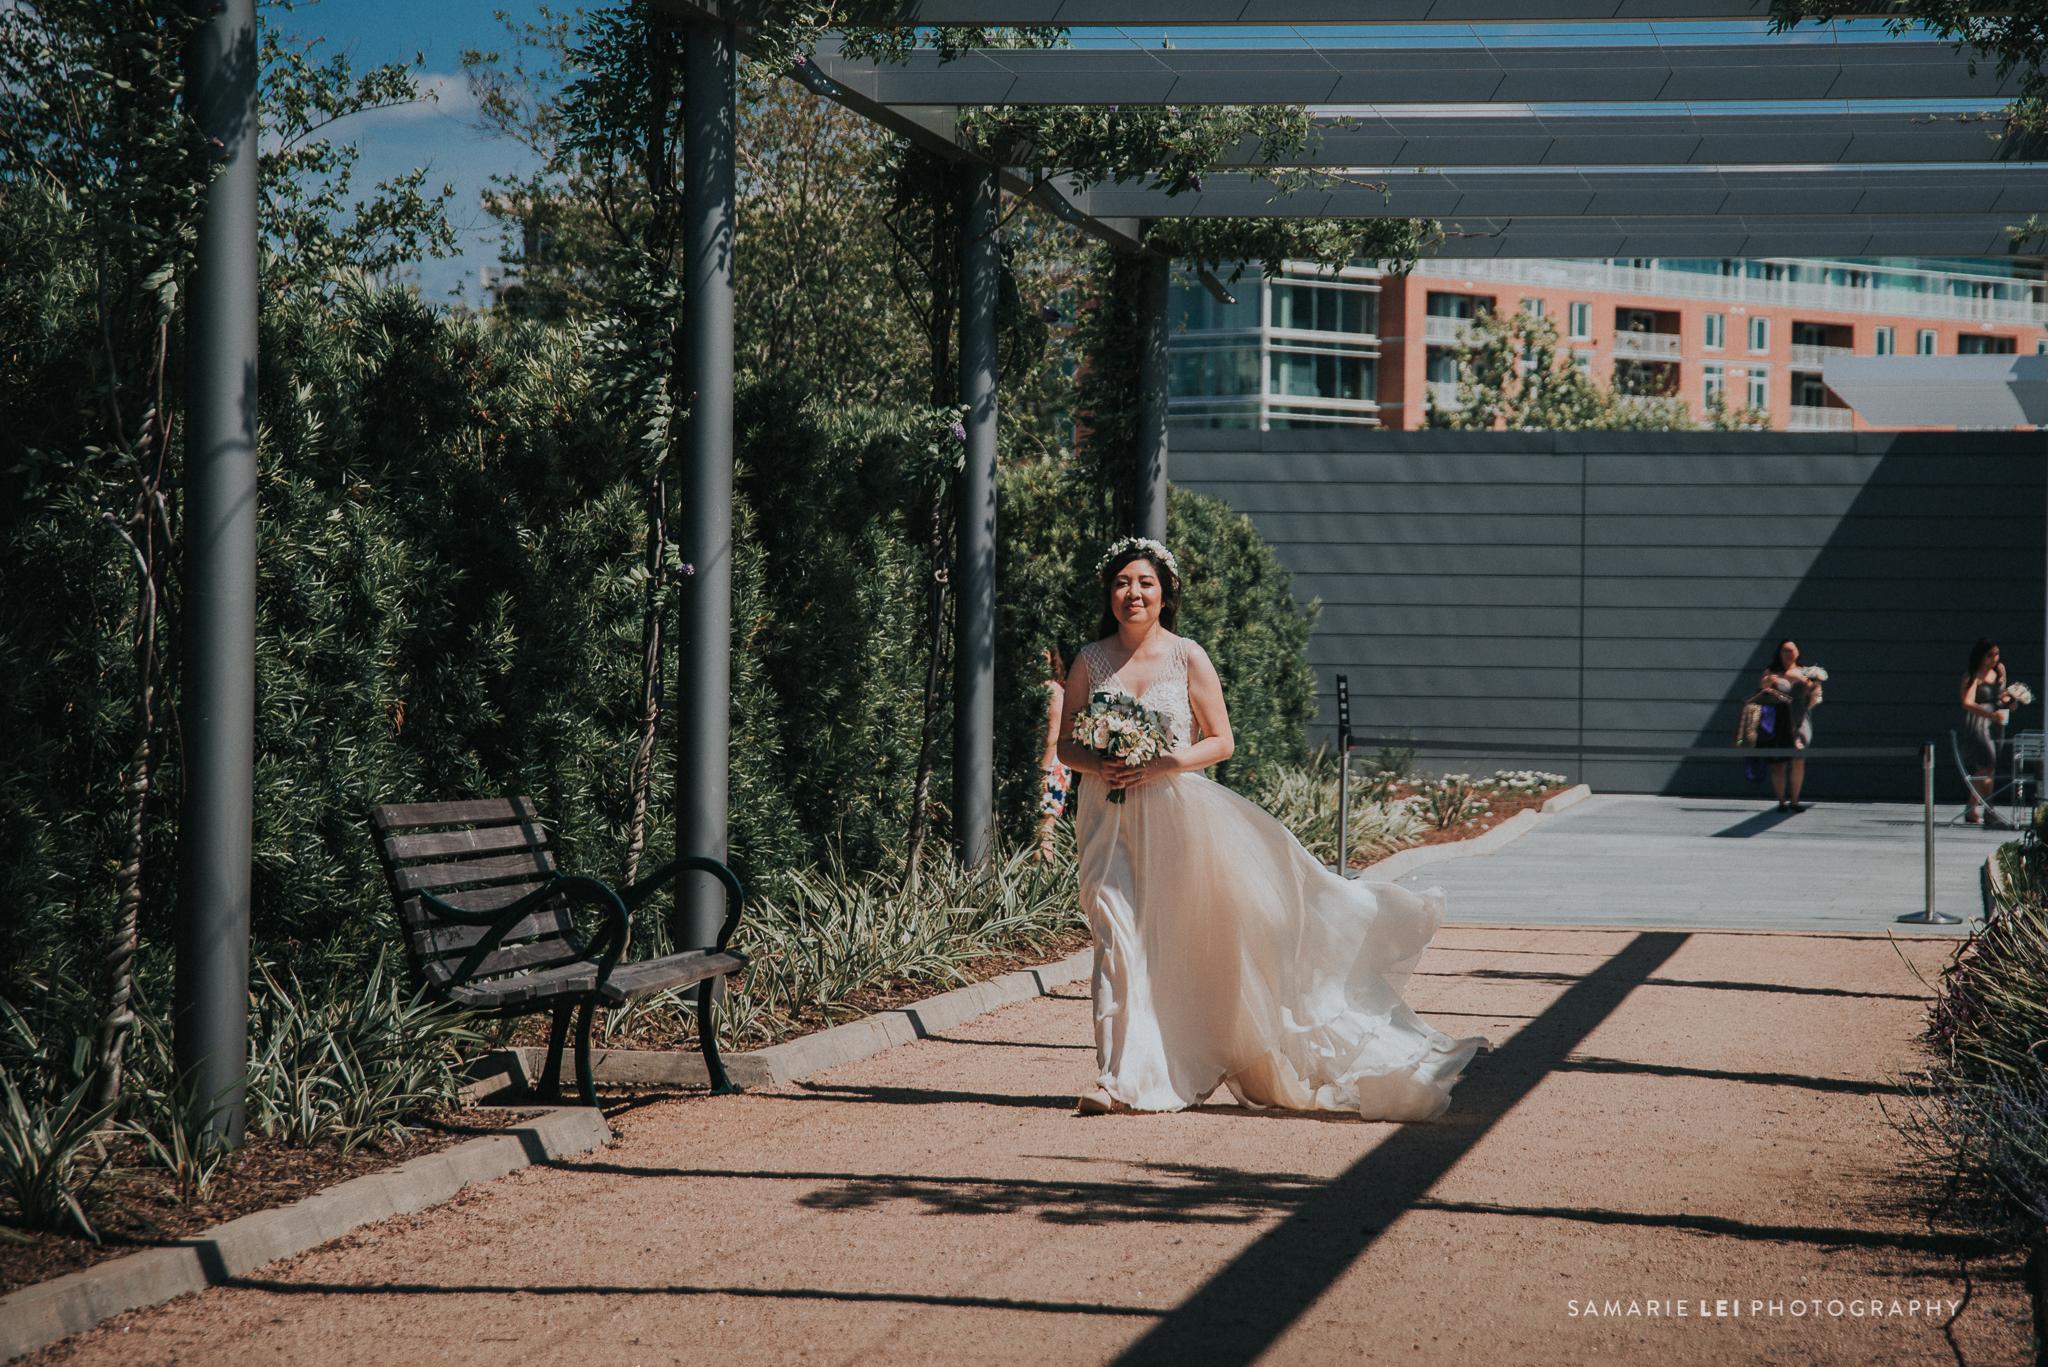 Sarah and Matt Wed- First Look-9.jpg